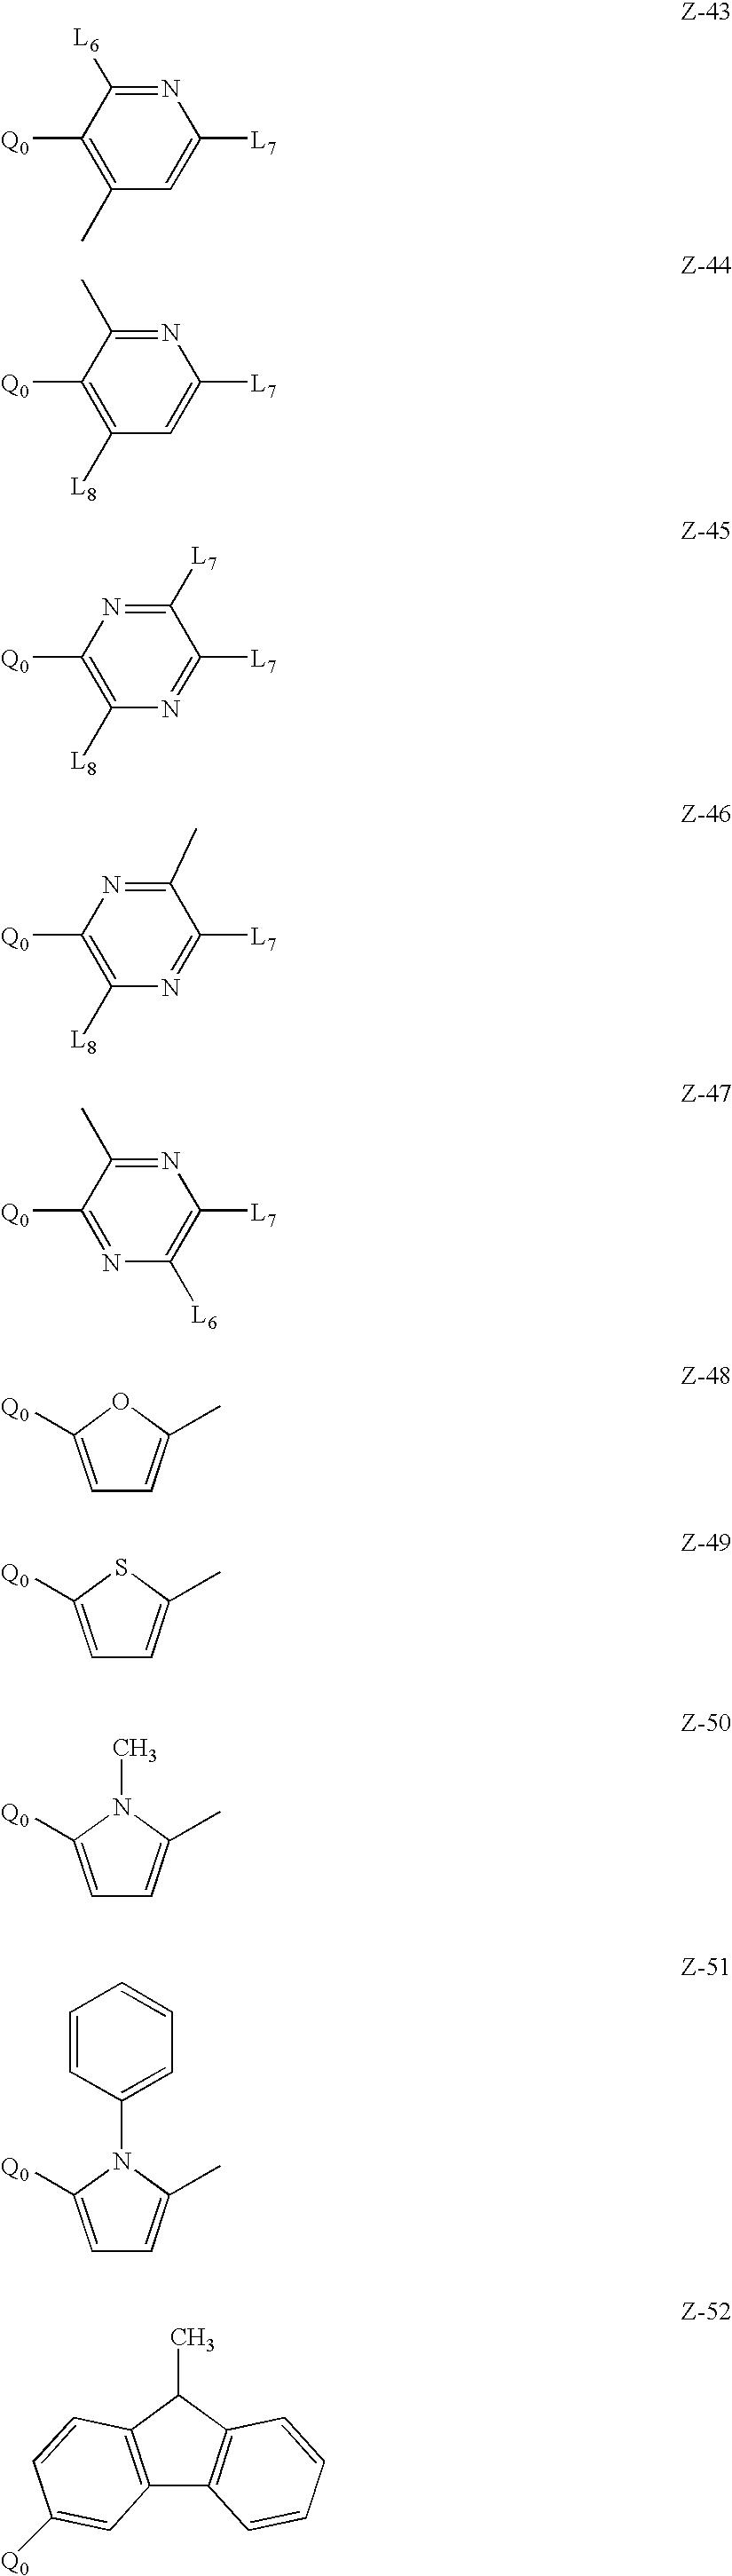 Figure US20060186796A1-20060824-C00011